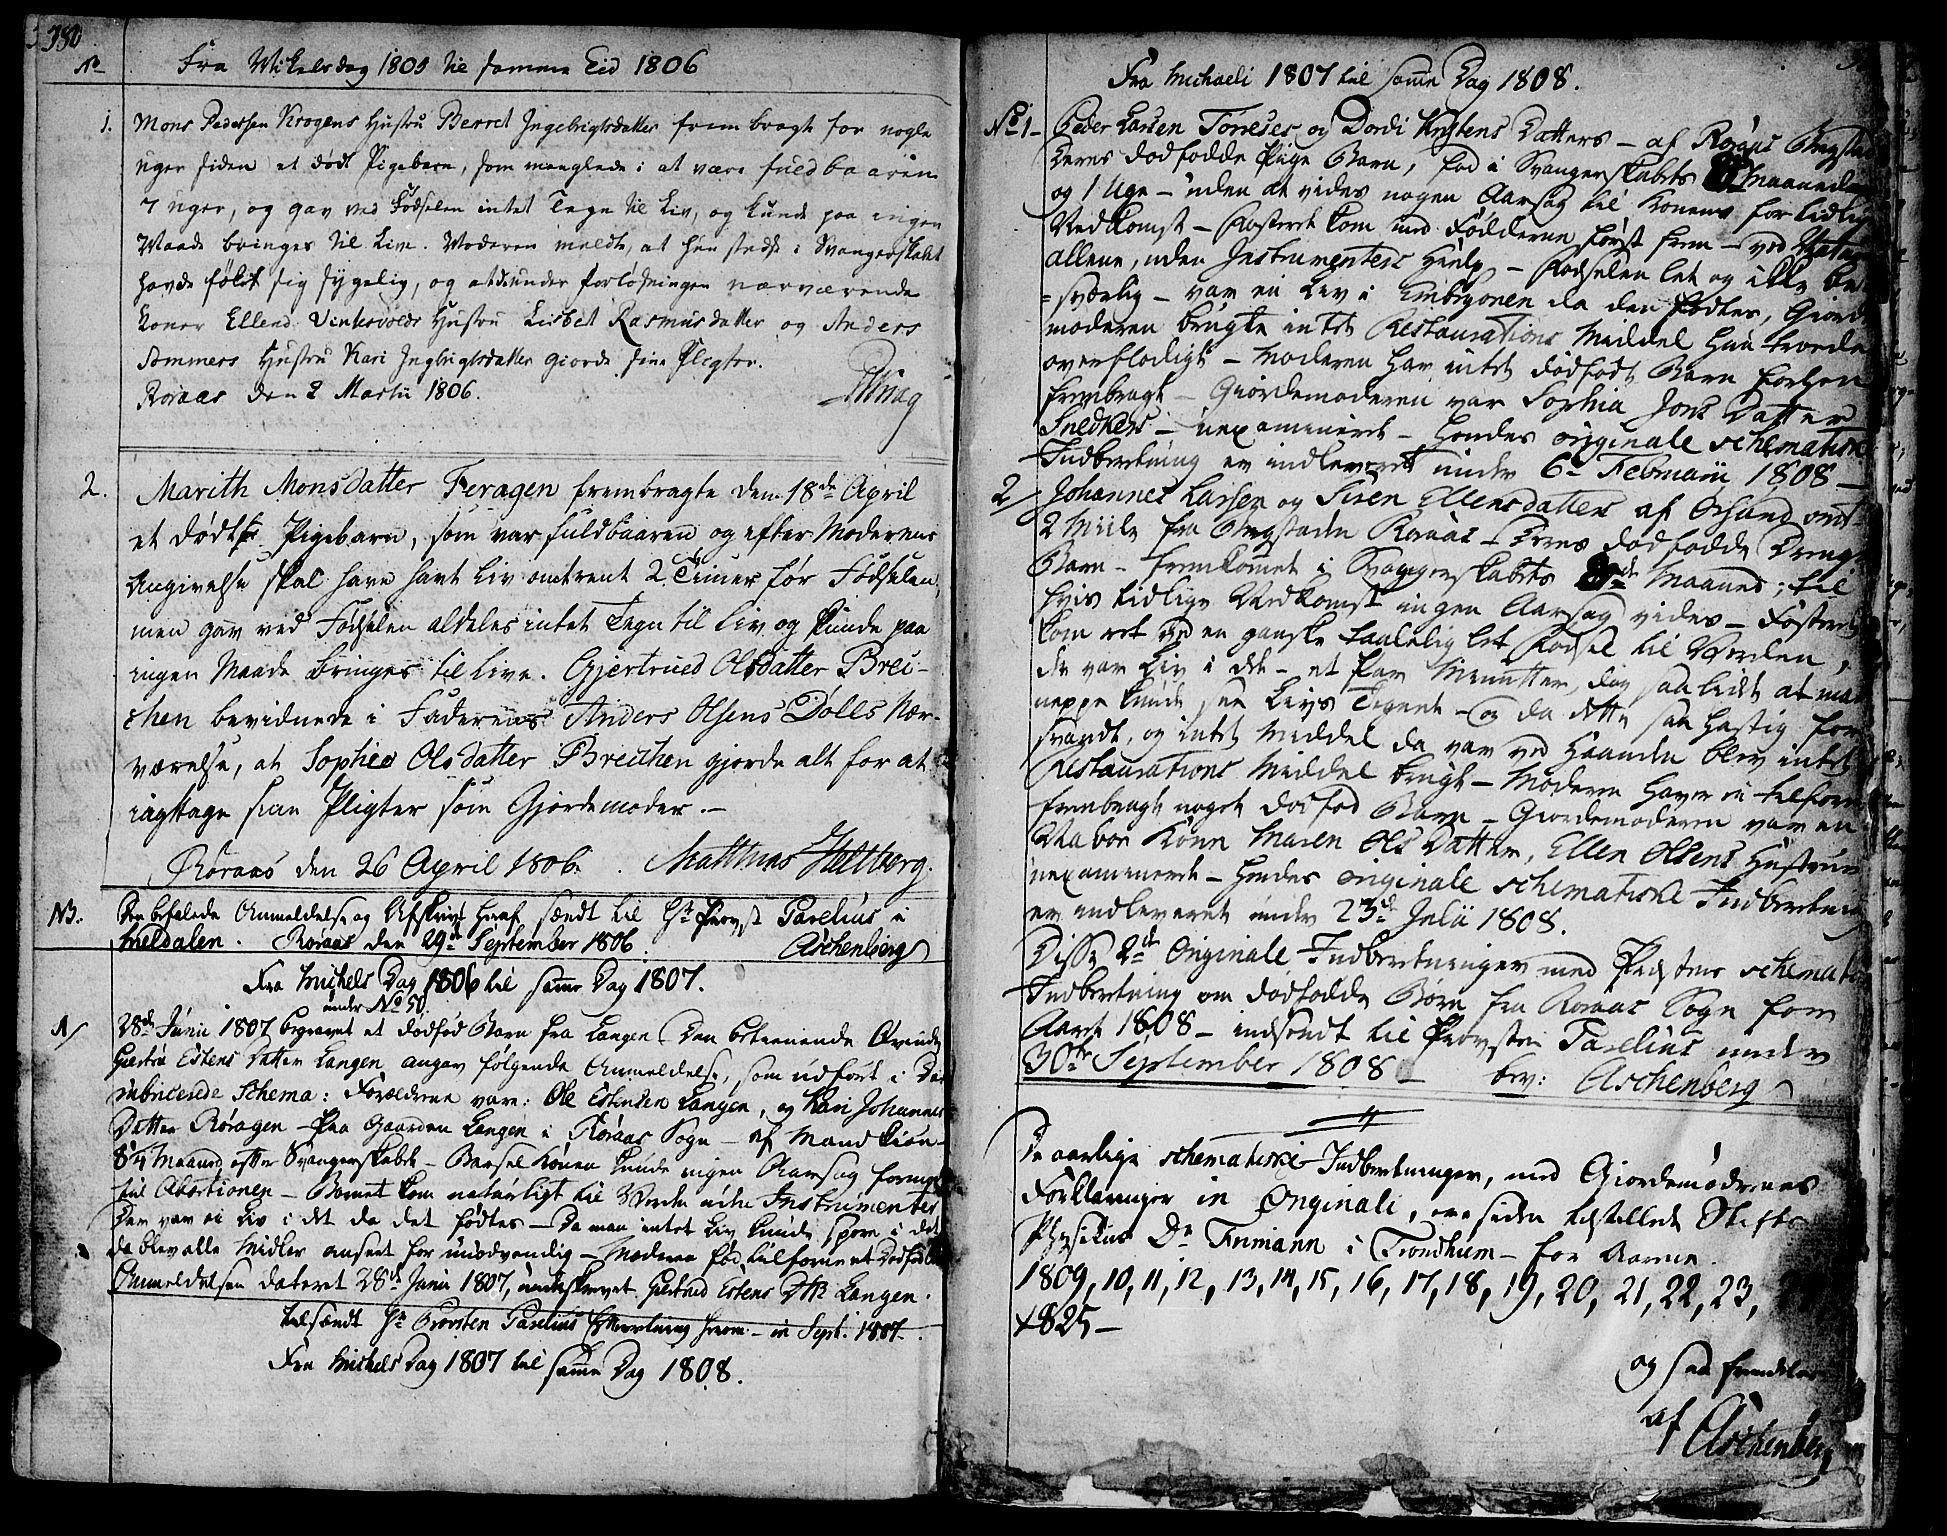 SAT, Ministerialprotokoller, klokkerbøker og fødselsregistre - Sør-Trøndelag, 681/L0927: Ministerialbok nr. 681A05, 1798-1808, s. 380-381